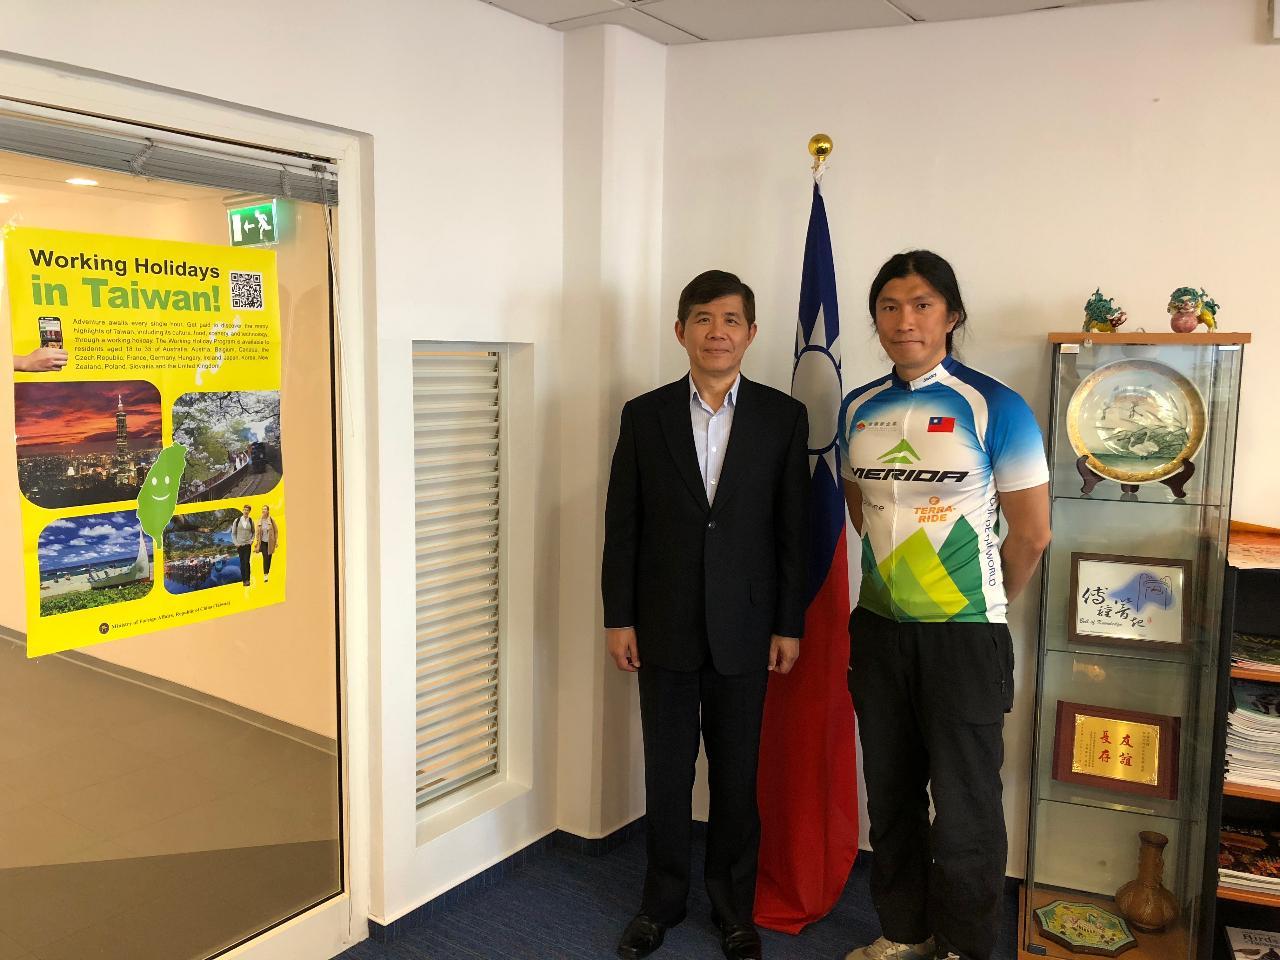 陳峻永鐵騎行天下,駐匈牙利代表處大使張雲屏說:「台灣以你為榮」